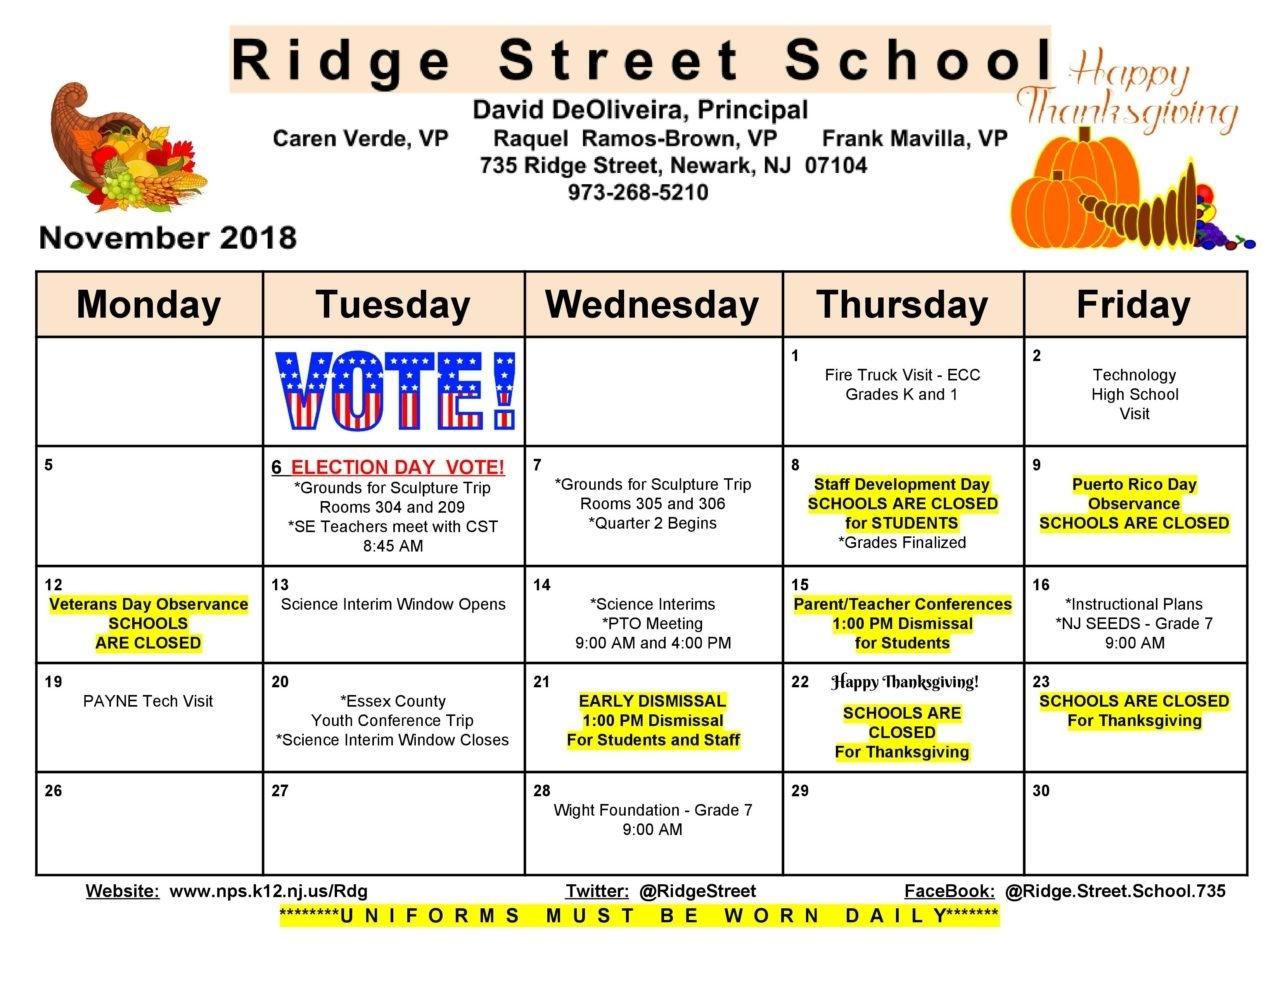 School Monthly Calendar - Ridge Street Challenger 7 School Calendar